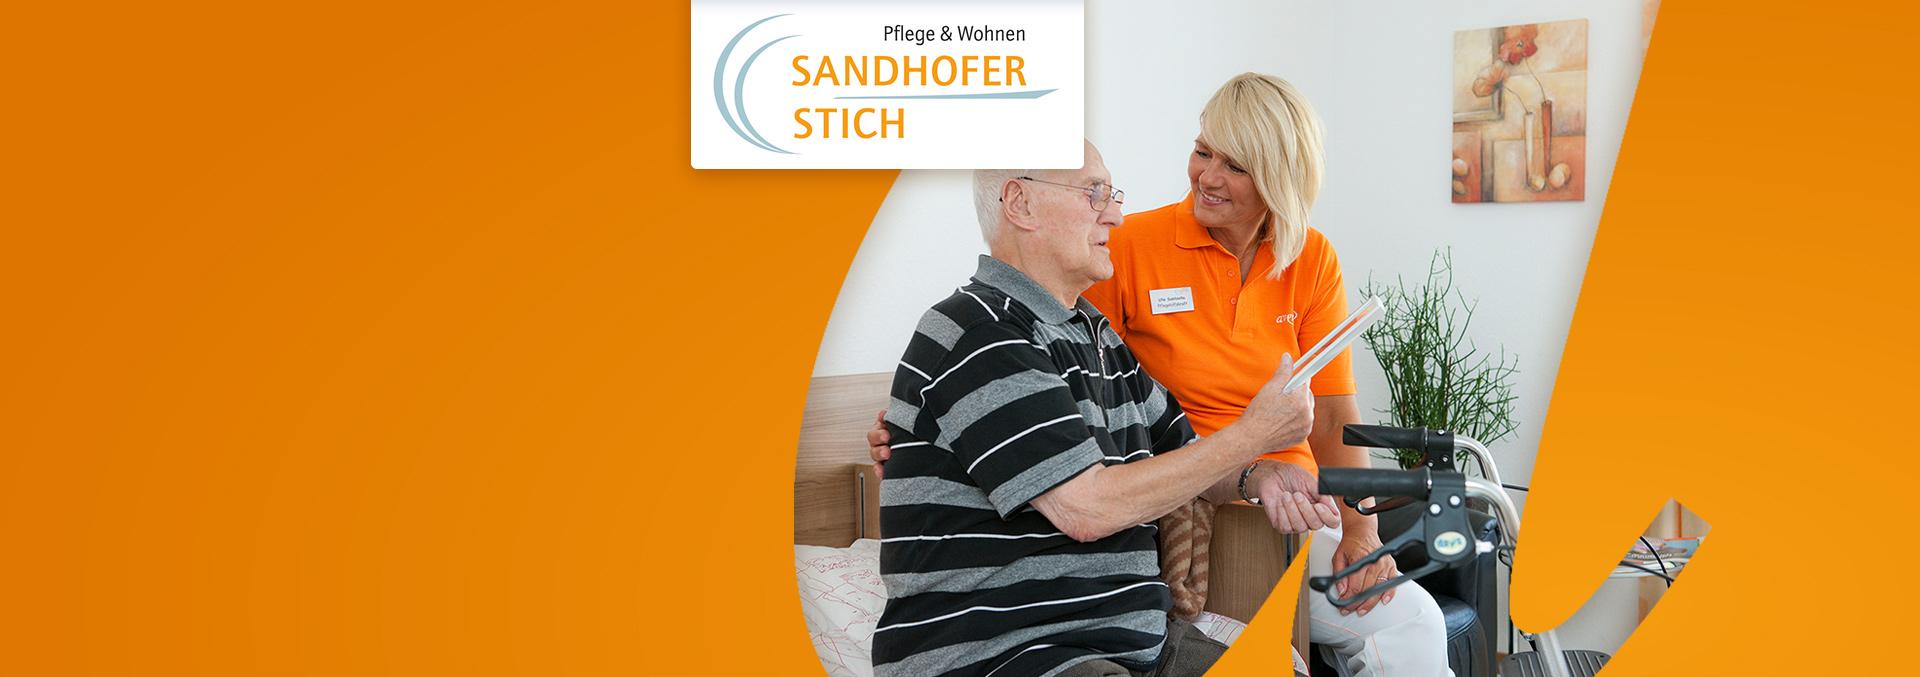 Pflege und Wohnen Sandhofer Stich: Eine Pflegerin leistet einem Bewohner Gesellschaft, der auf seinem Bett sitzt und über ein Bild redet, das er in der Hand hält.